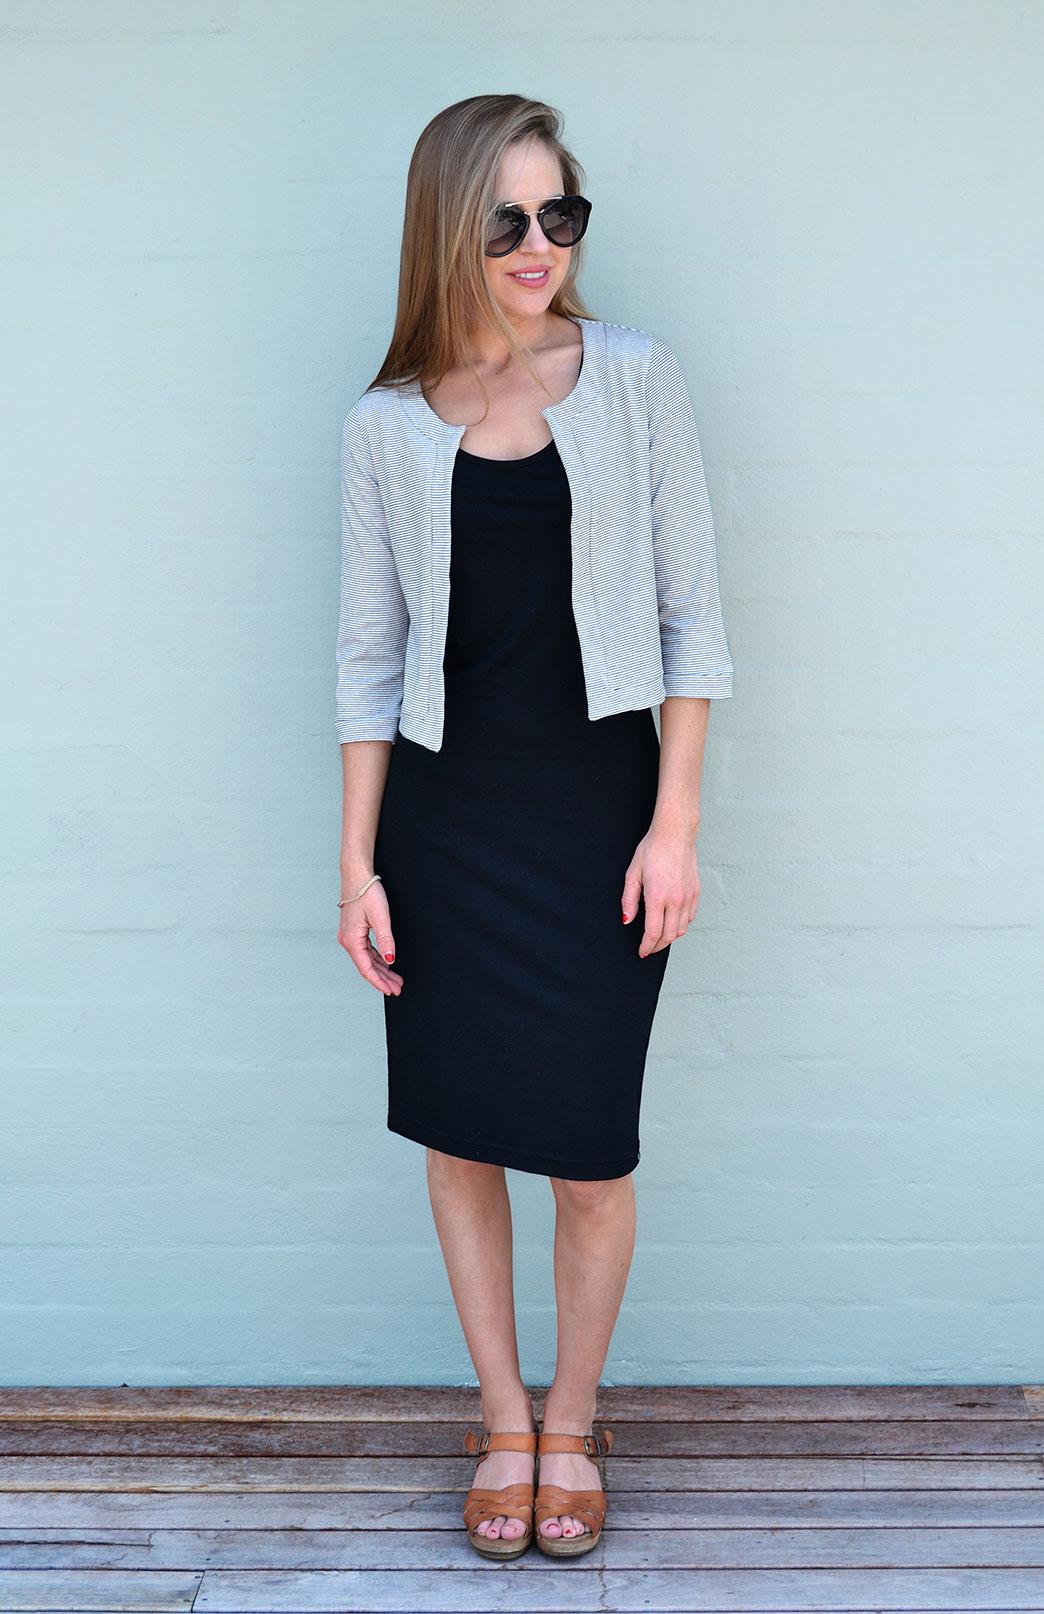 Coco Jacket - Organic Cotton - Women's Organic Cottton Black and White Cropped Bolero Jacket - Smitten Merino Tasmania Australia